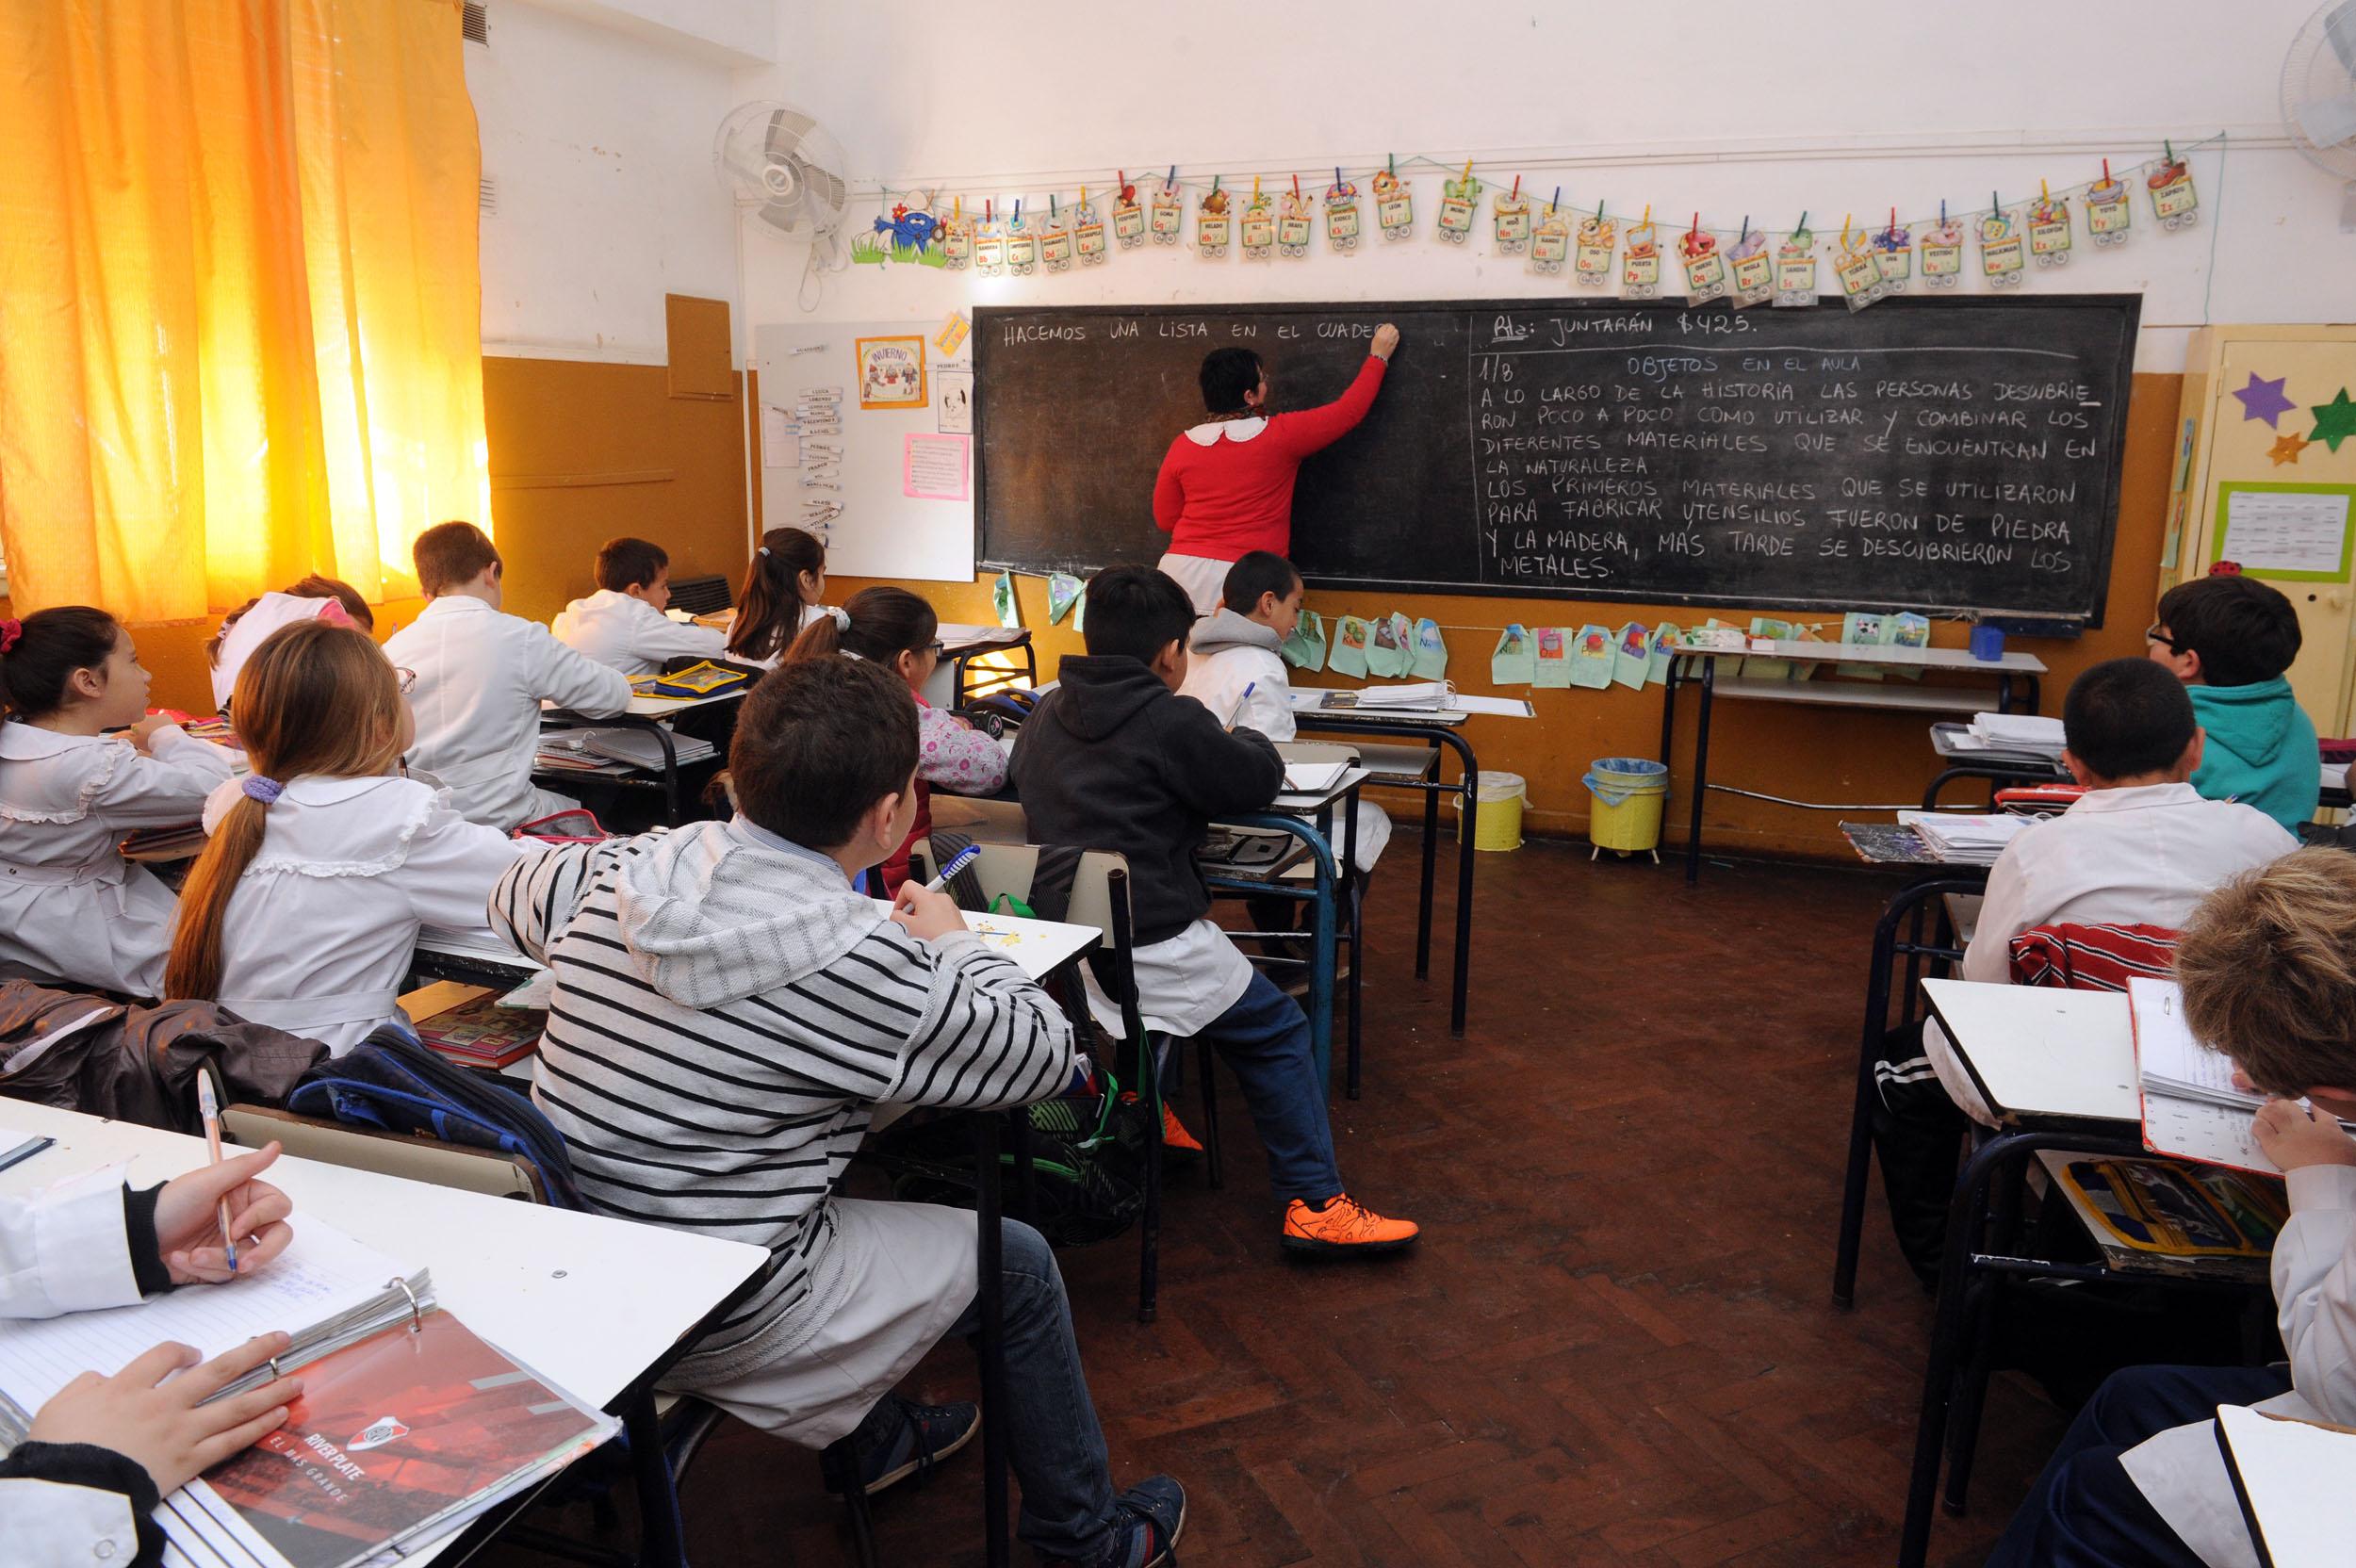 01-08-2016 - Vuelta a clases. Finocchiaro en General Pinto 2